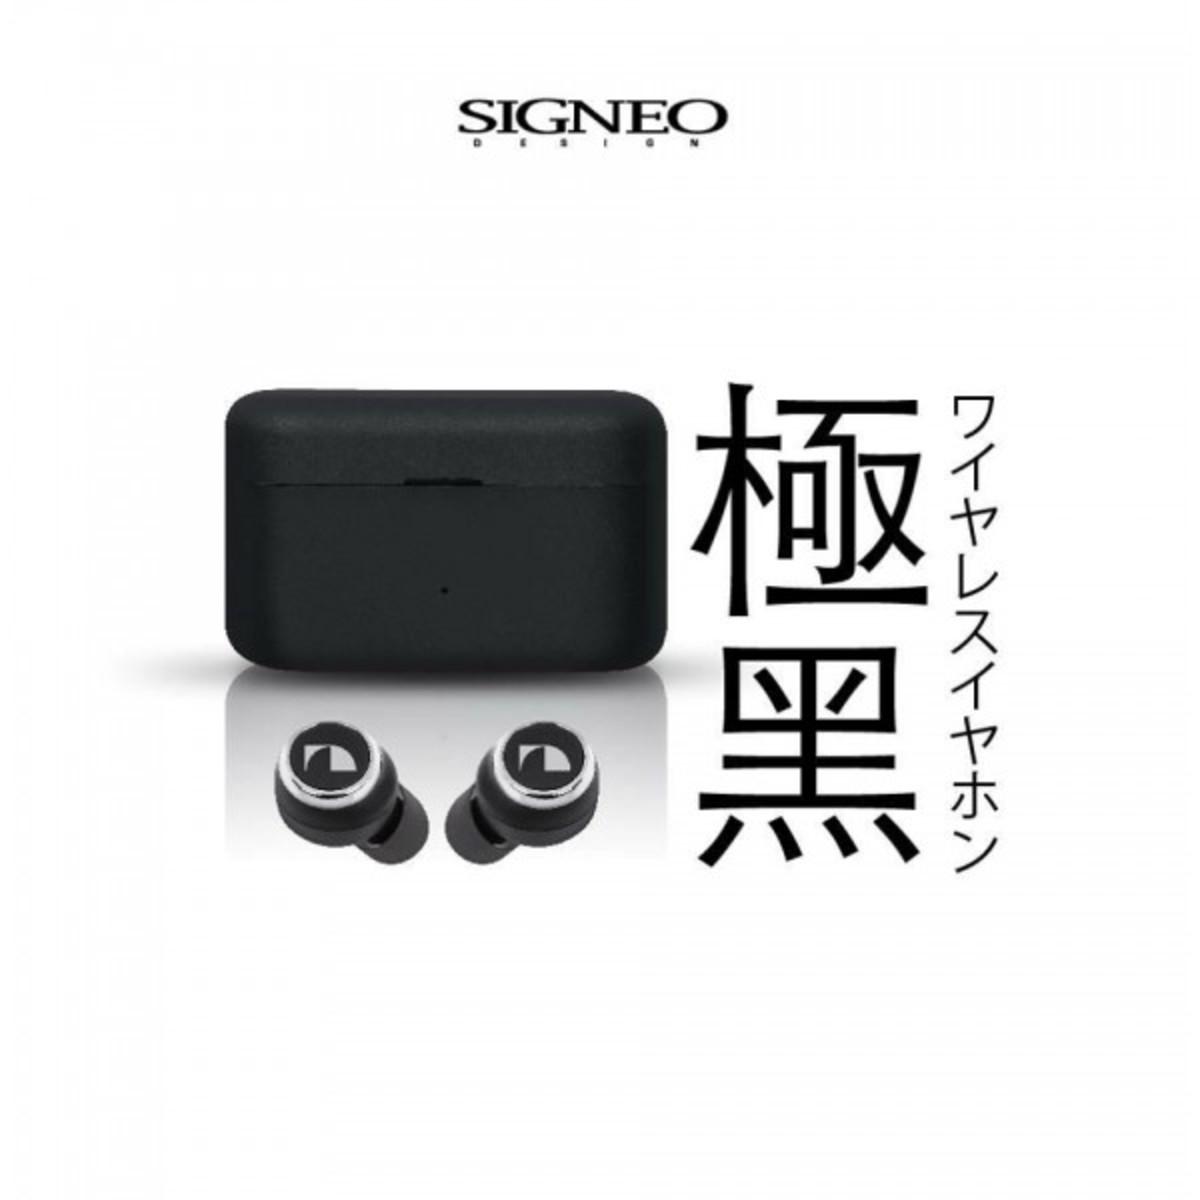 真. 無線耳機 NEP-TW2 Plus  (香港行貨)